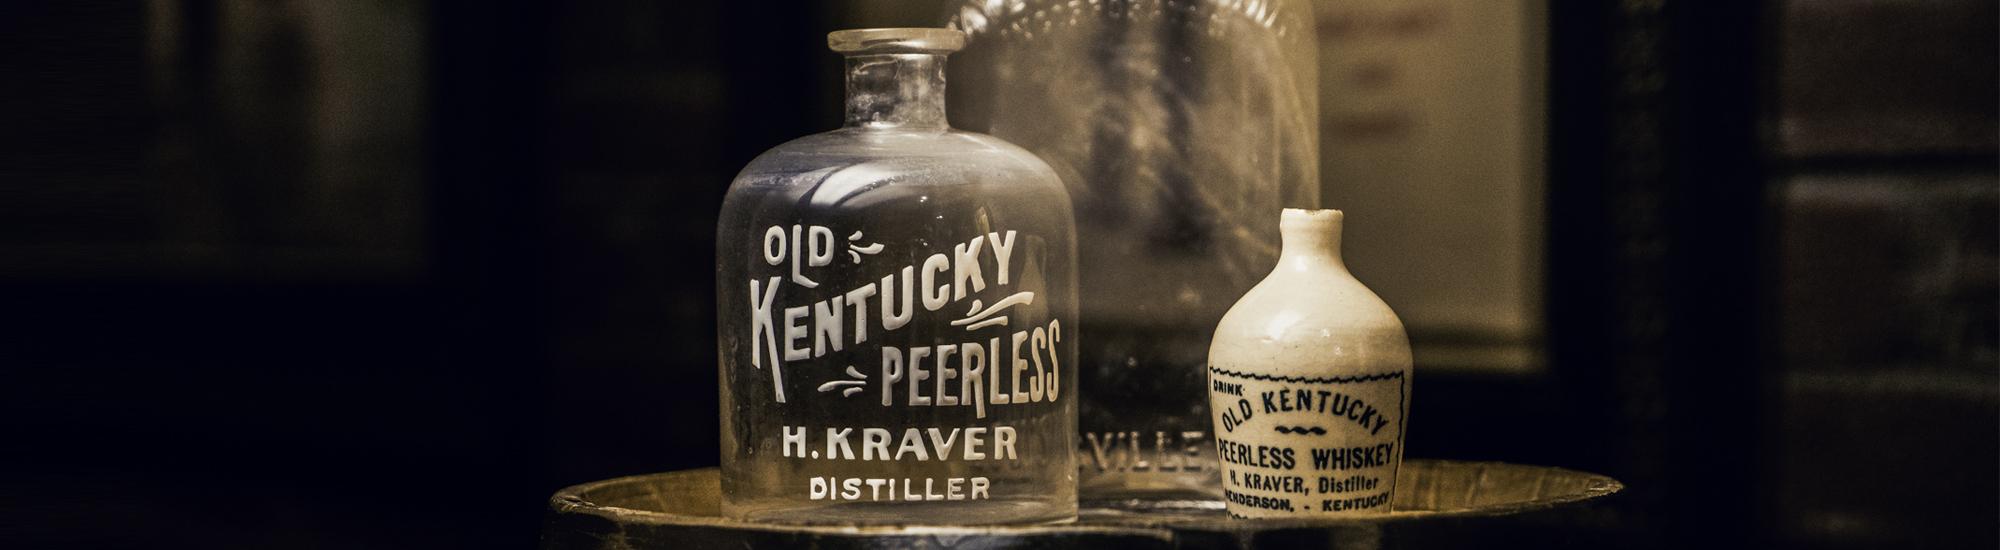 Peerless Distilling Timeline